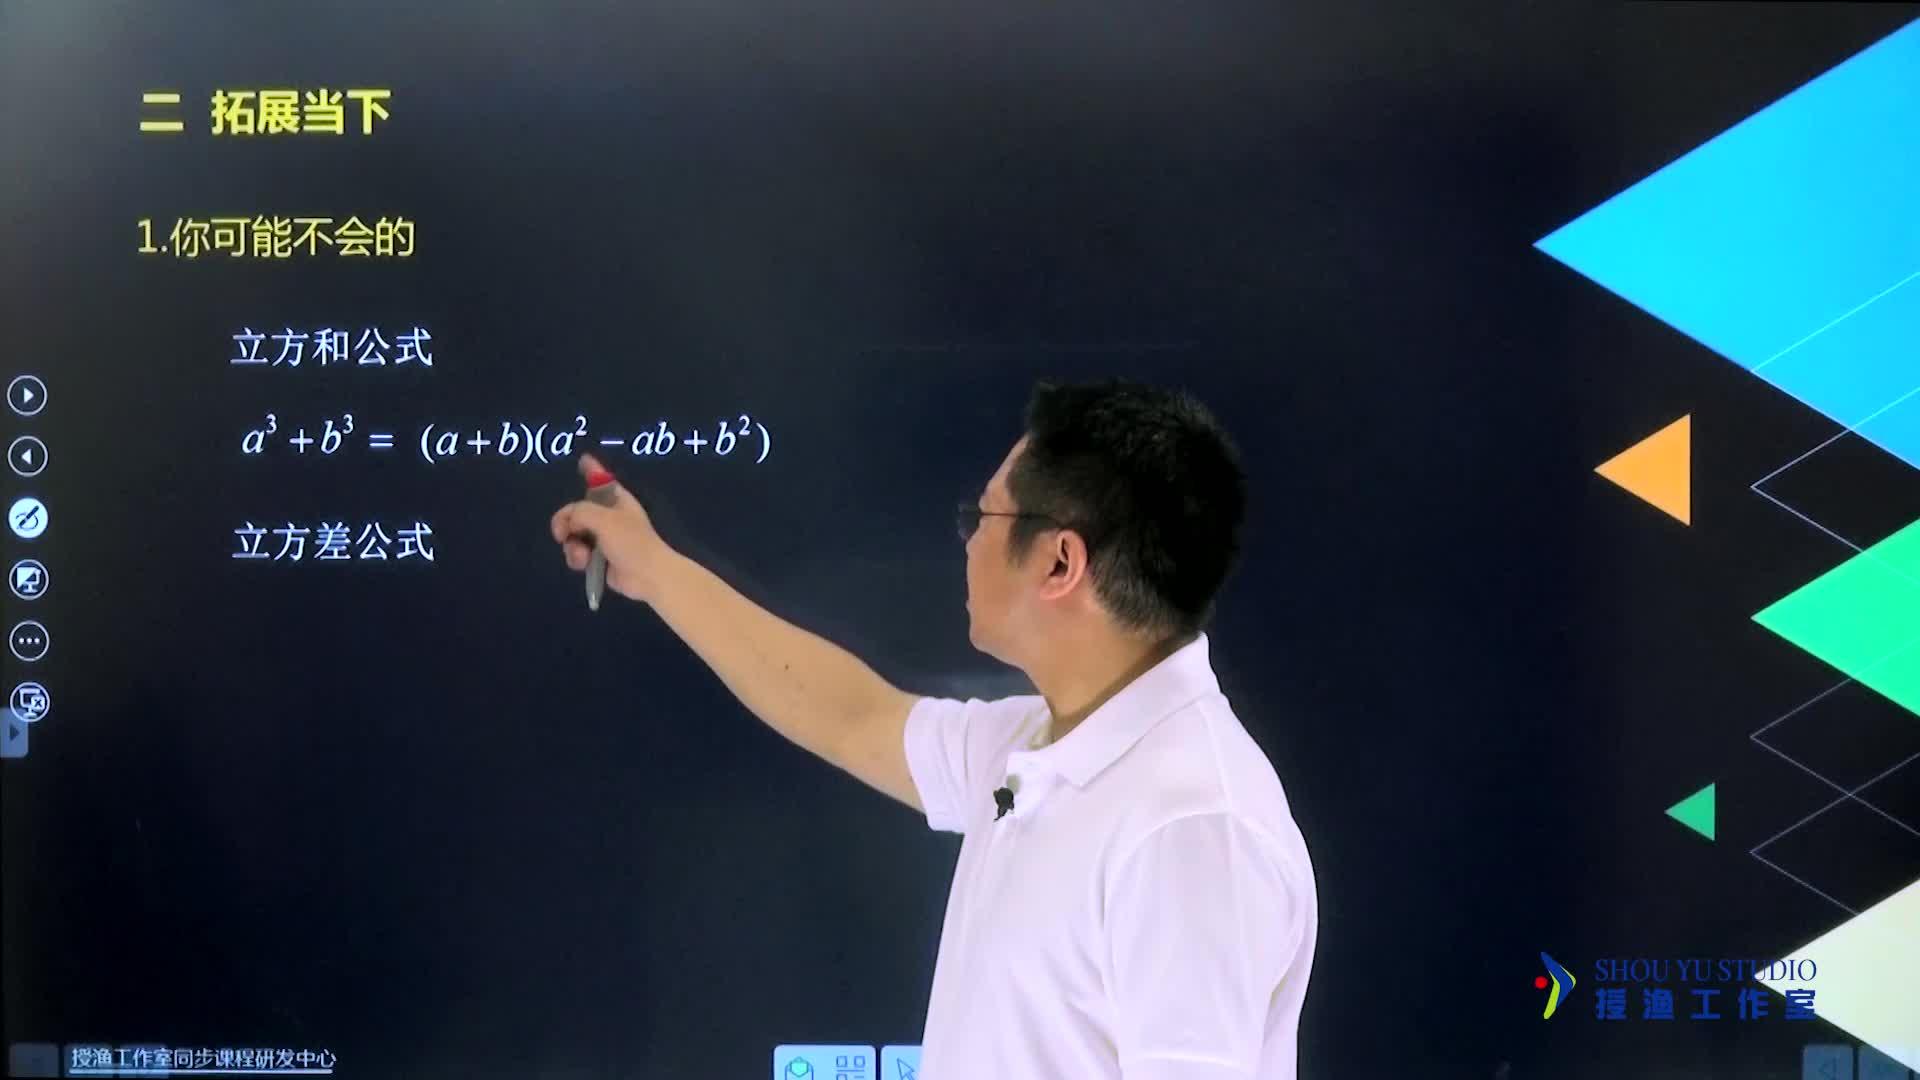 视频1.2 因式分解的再认识  拓展当下-2019年《初高中衔接课》教材数学